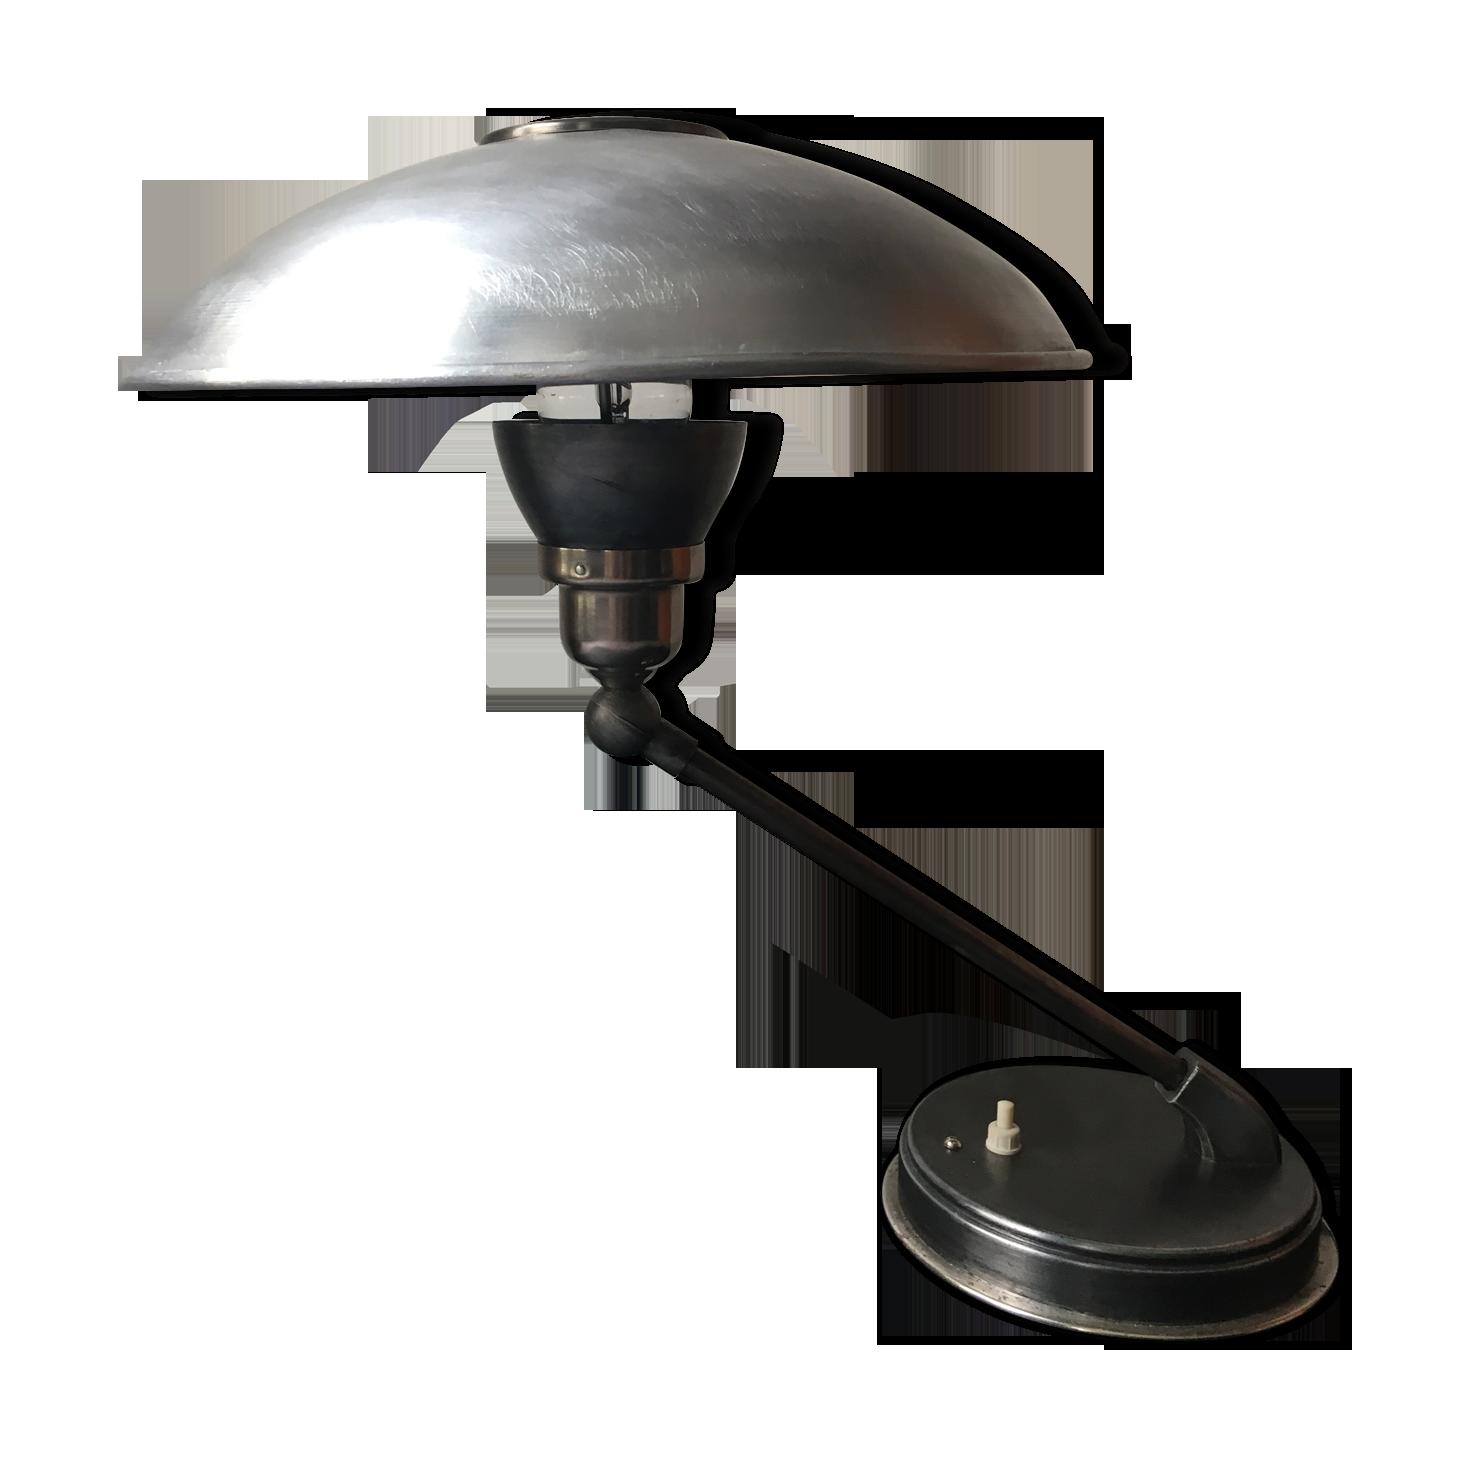 Ancienne lampe de bureau industrielle sovietique cccp métal